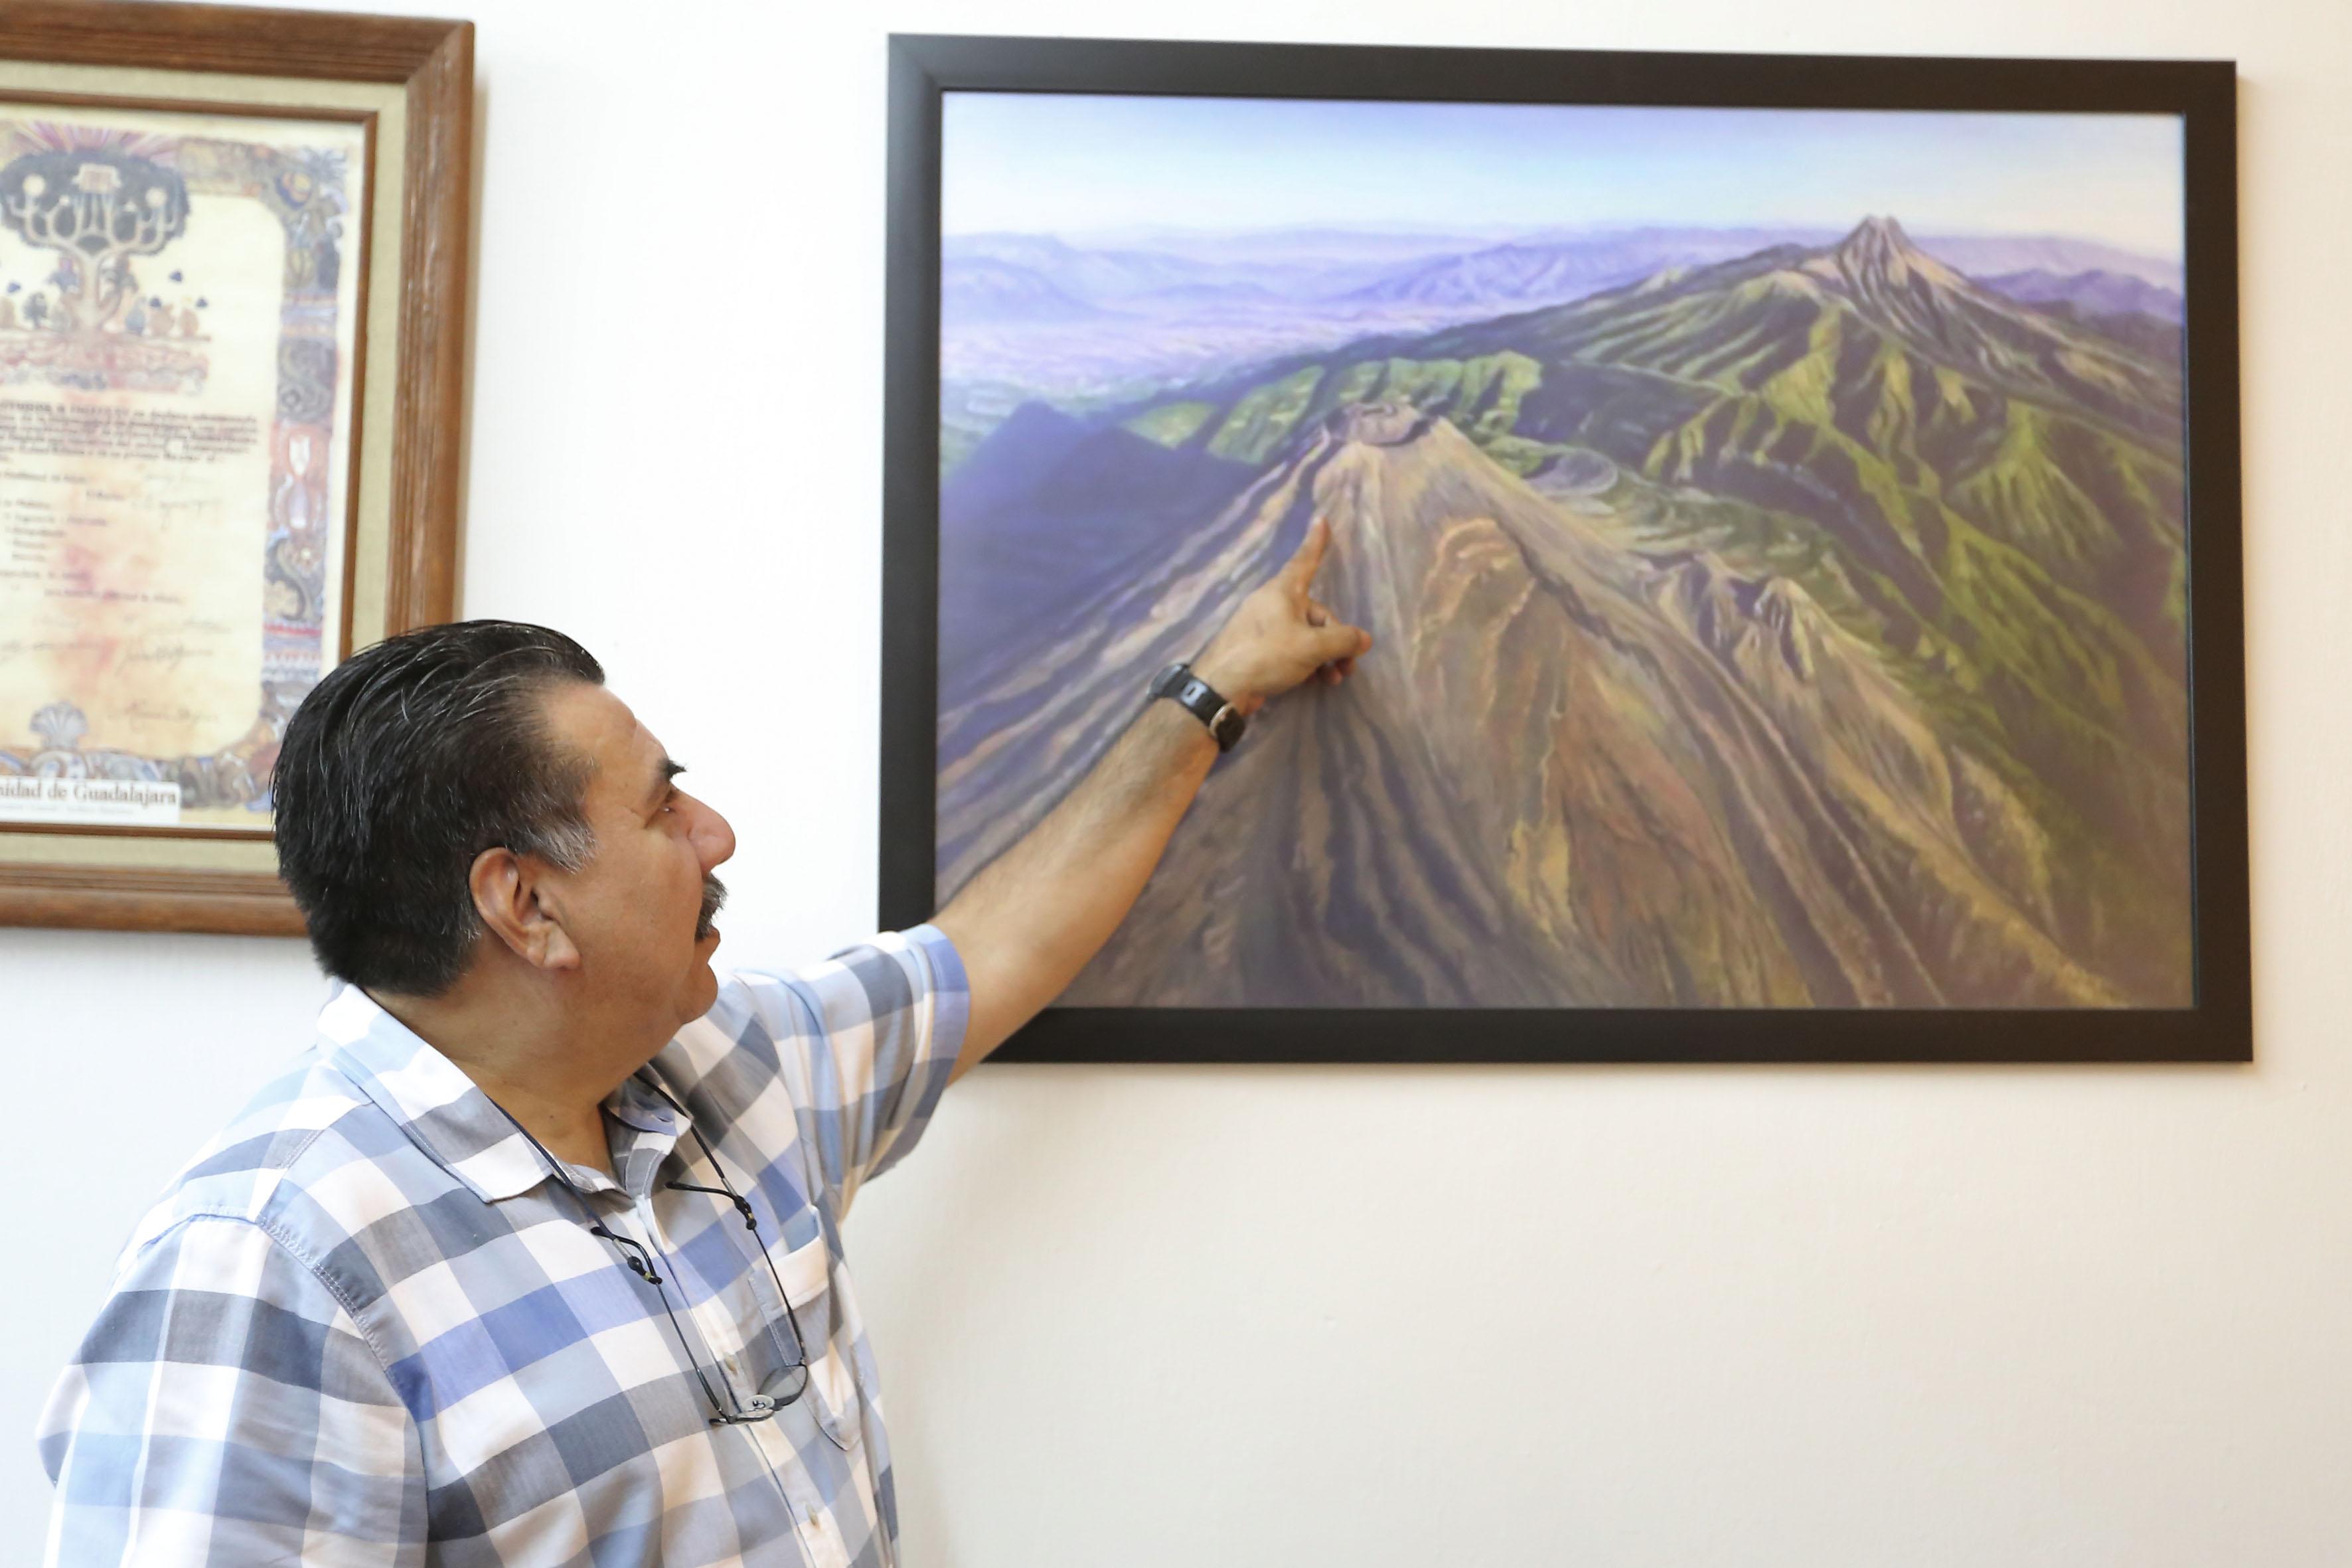 Doctor Carlos Suárez Plascencia, jefe del Departamento de Geografía y Ordenación Territorial, del Centro Universitario de Ciencias Sociales y Humanidades, señalando con su dedo índice a los volcanes de colima, plasmados en la pintura de un cuadro.